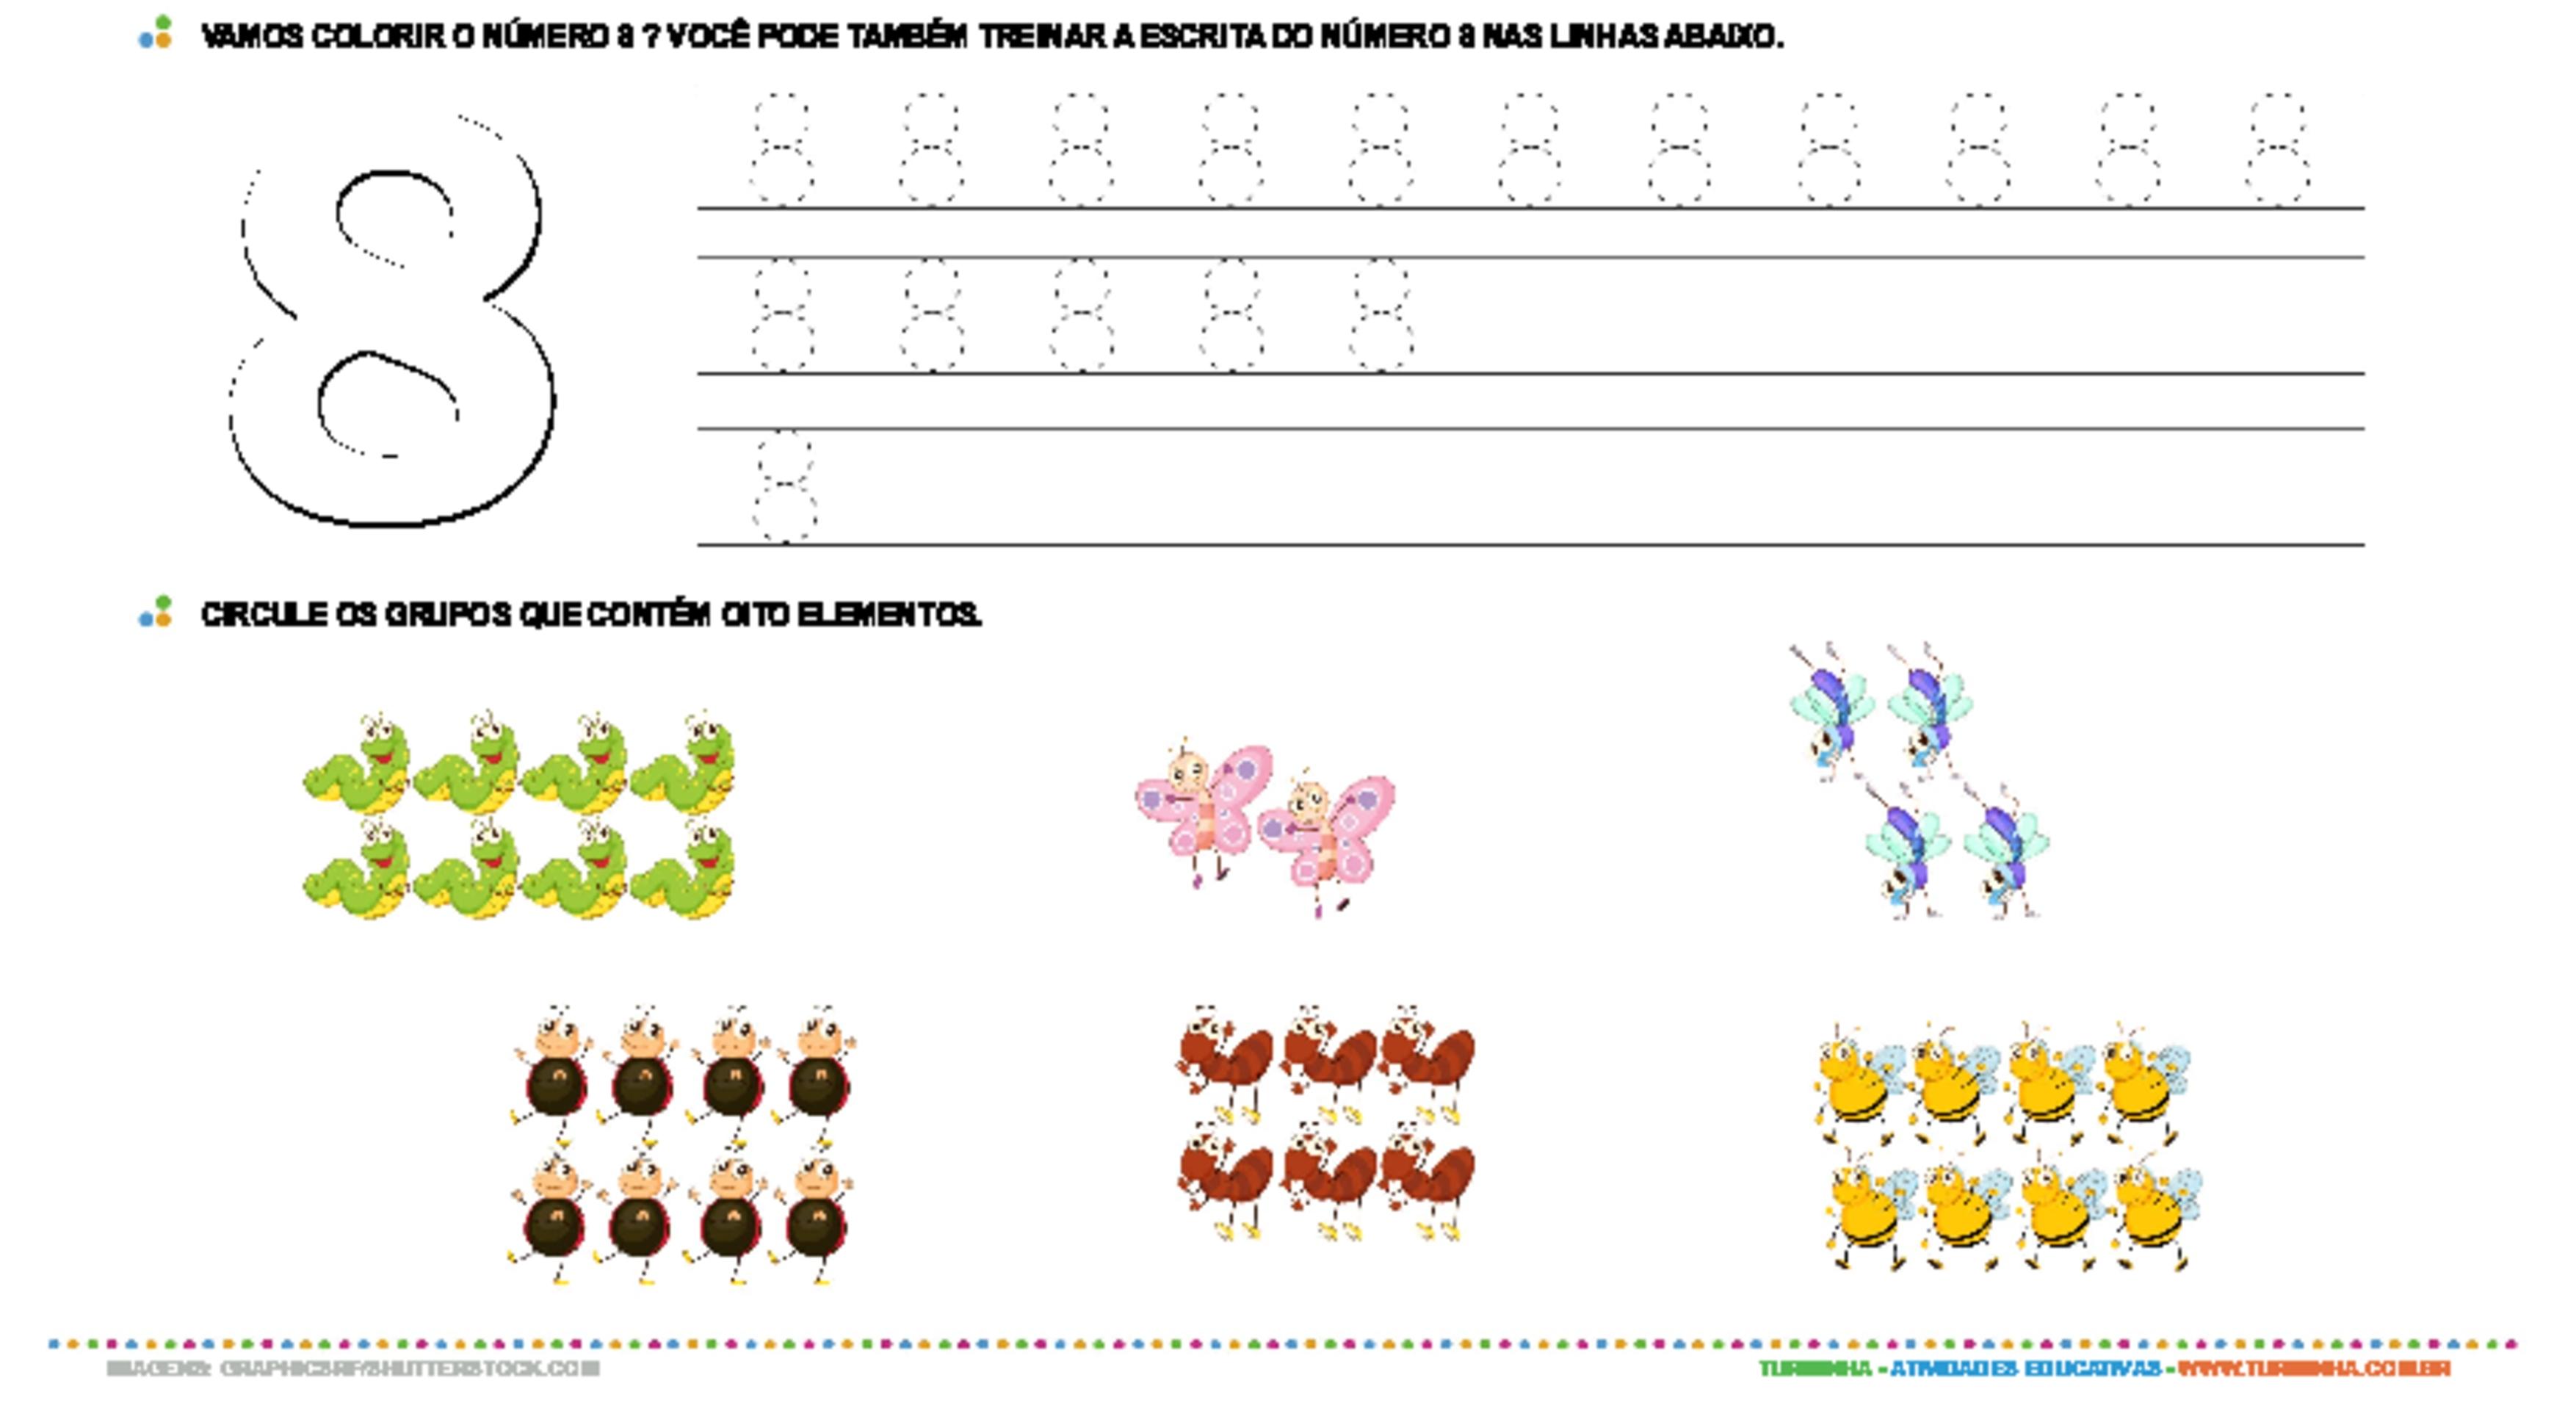 Aprendendo o número 8 - atividade educativa para Creche (0 a 3 anos)